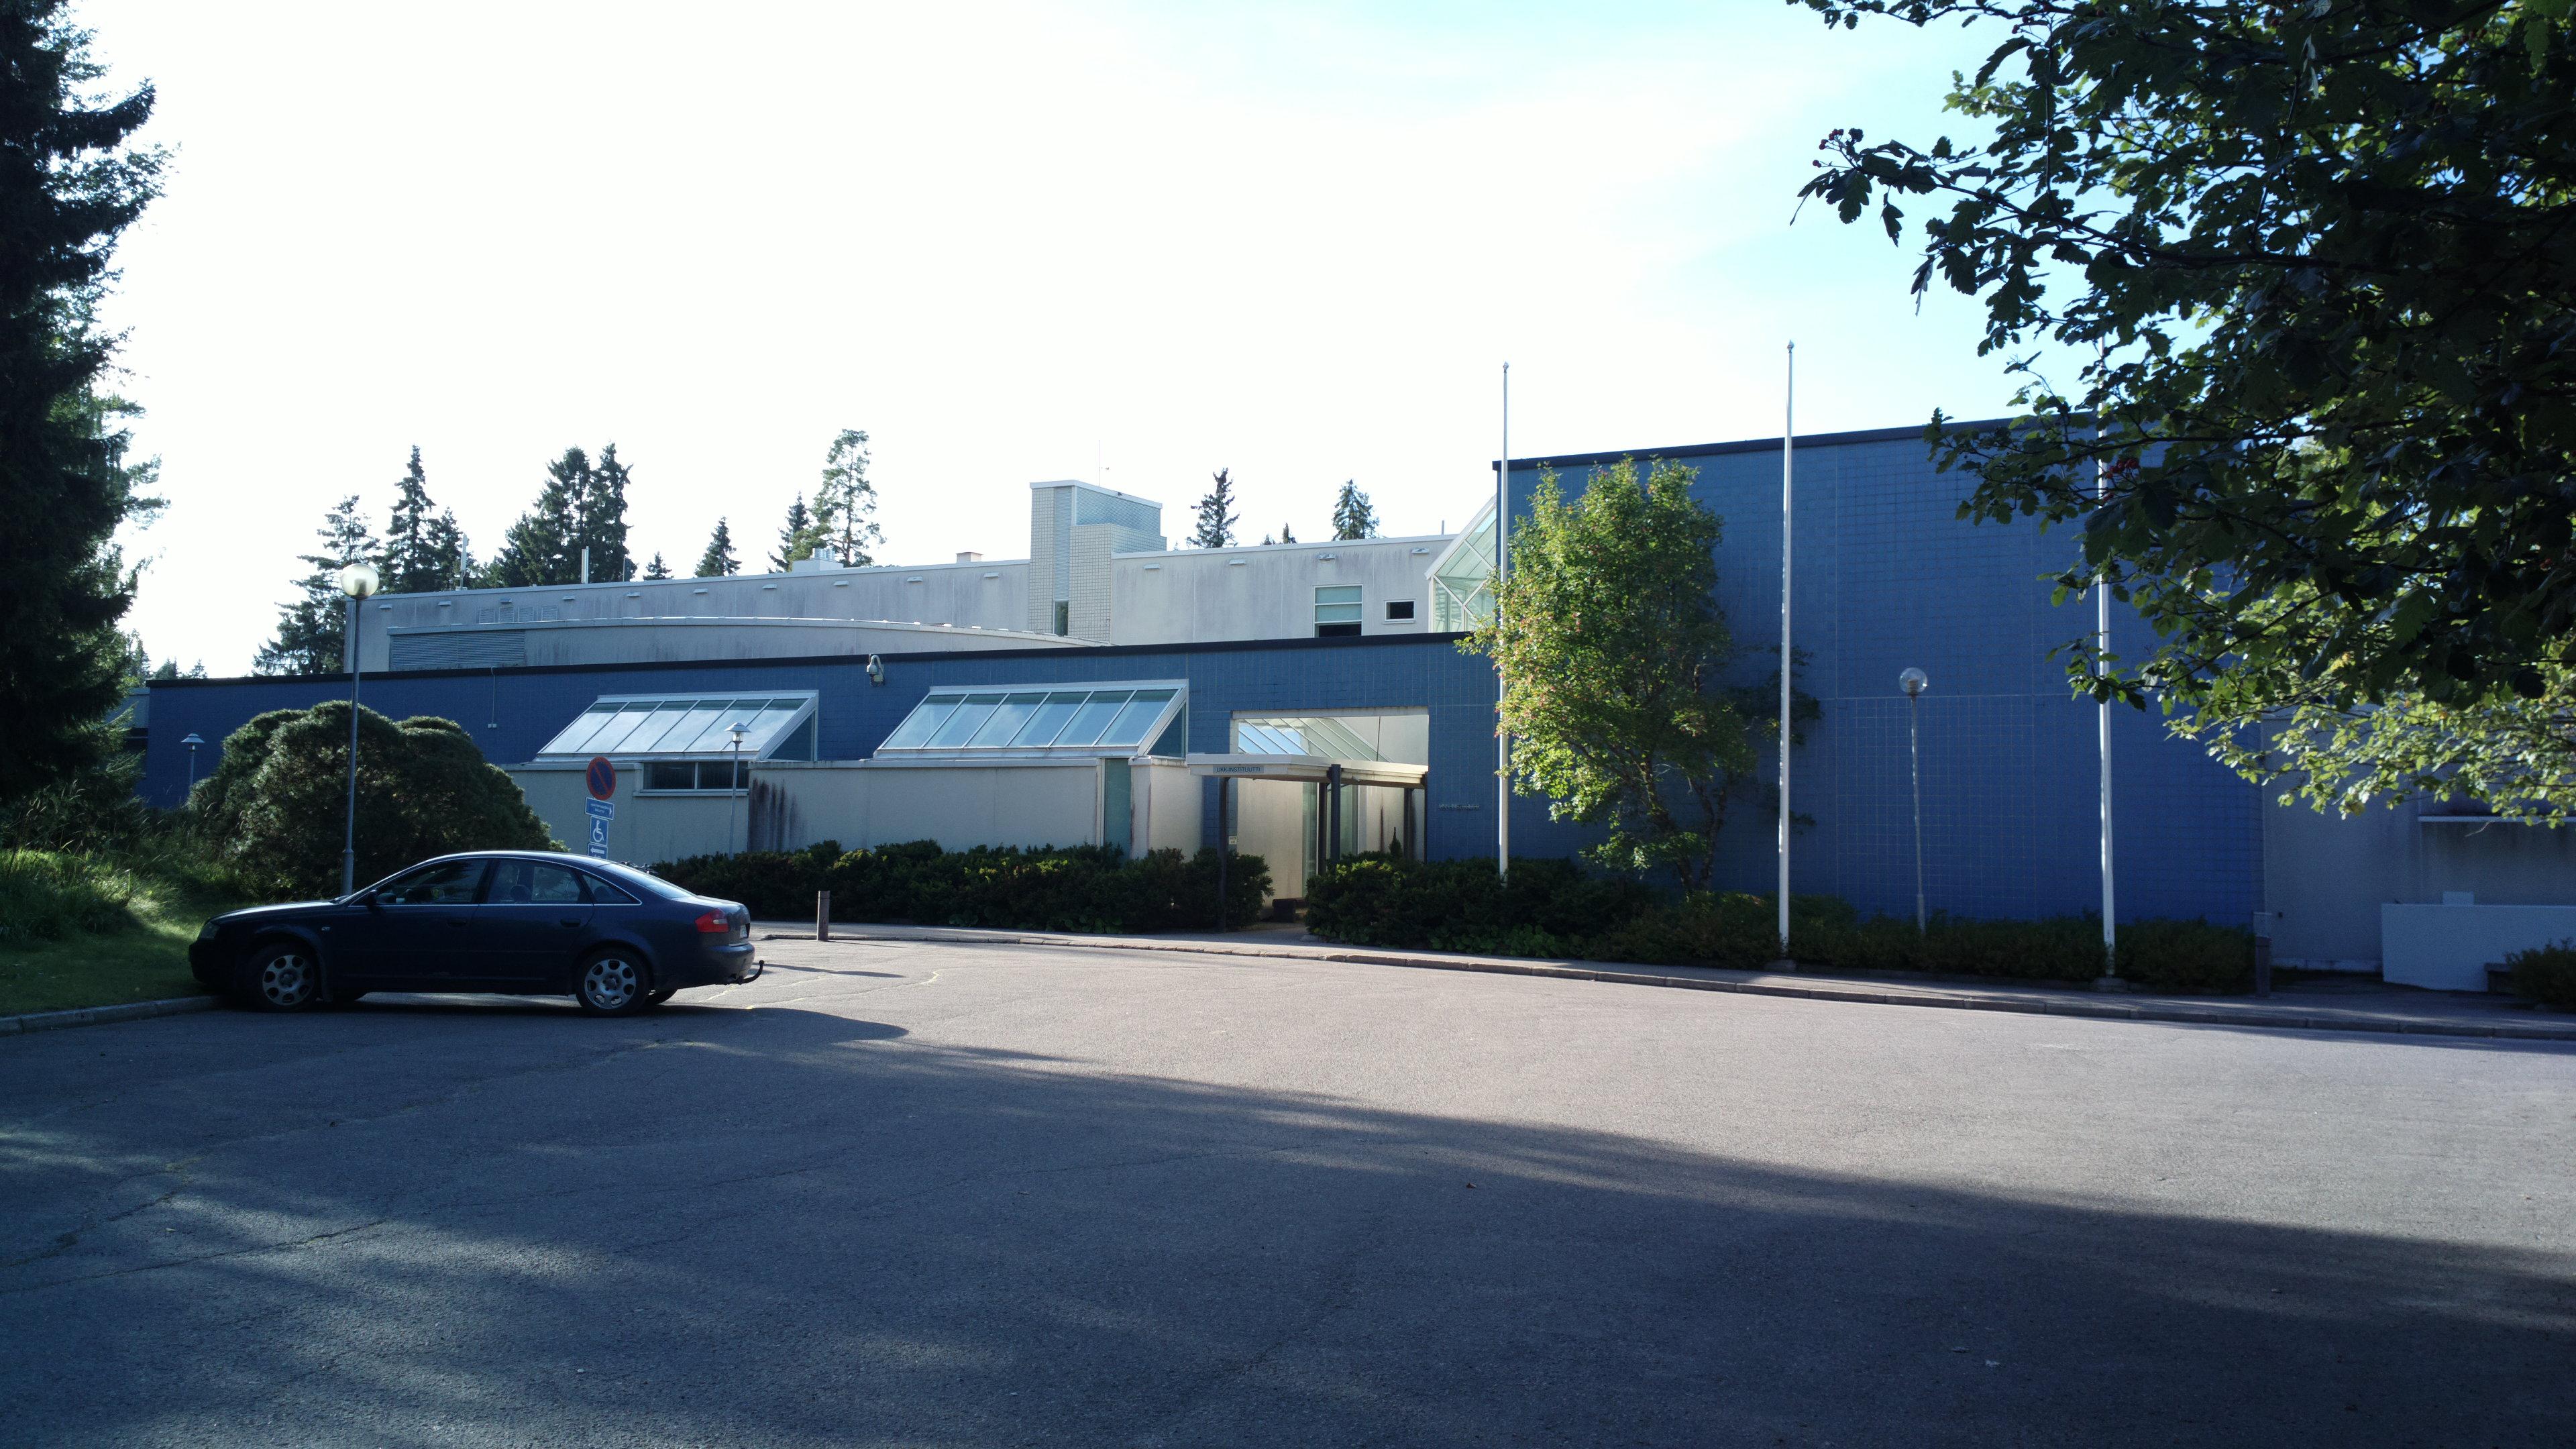 Ii Instituutti